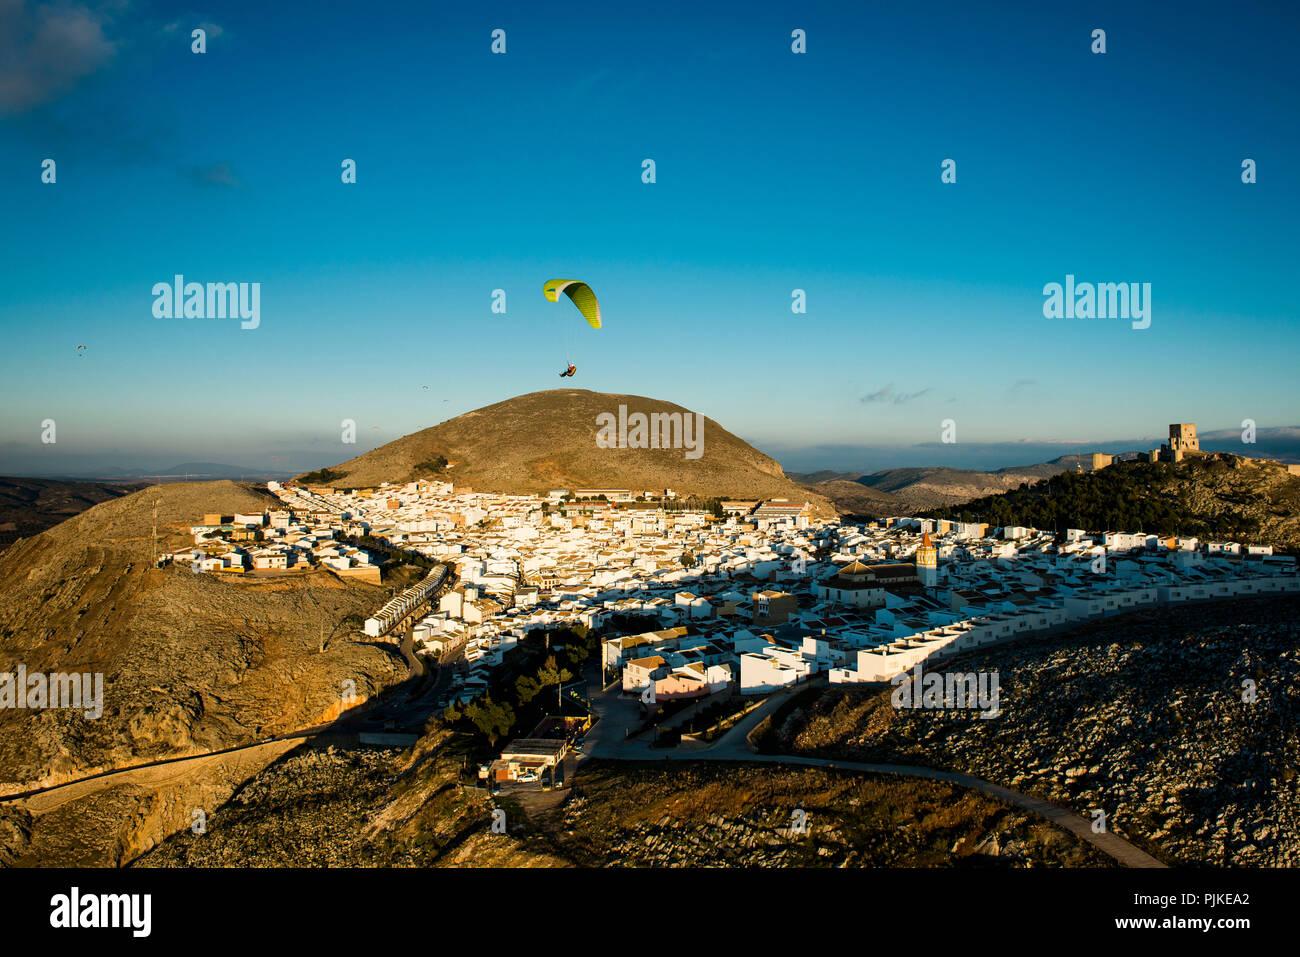 White città vecchia e il castello di Teba in Andalusia con il parapendio, vista aerea, provincia di Malaga, Spagna Immagini Stock